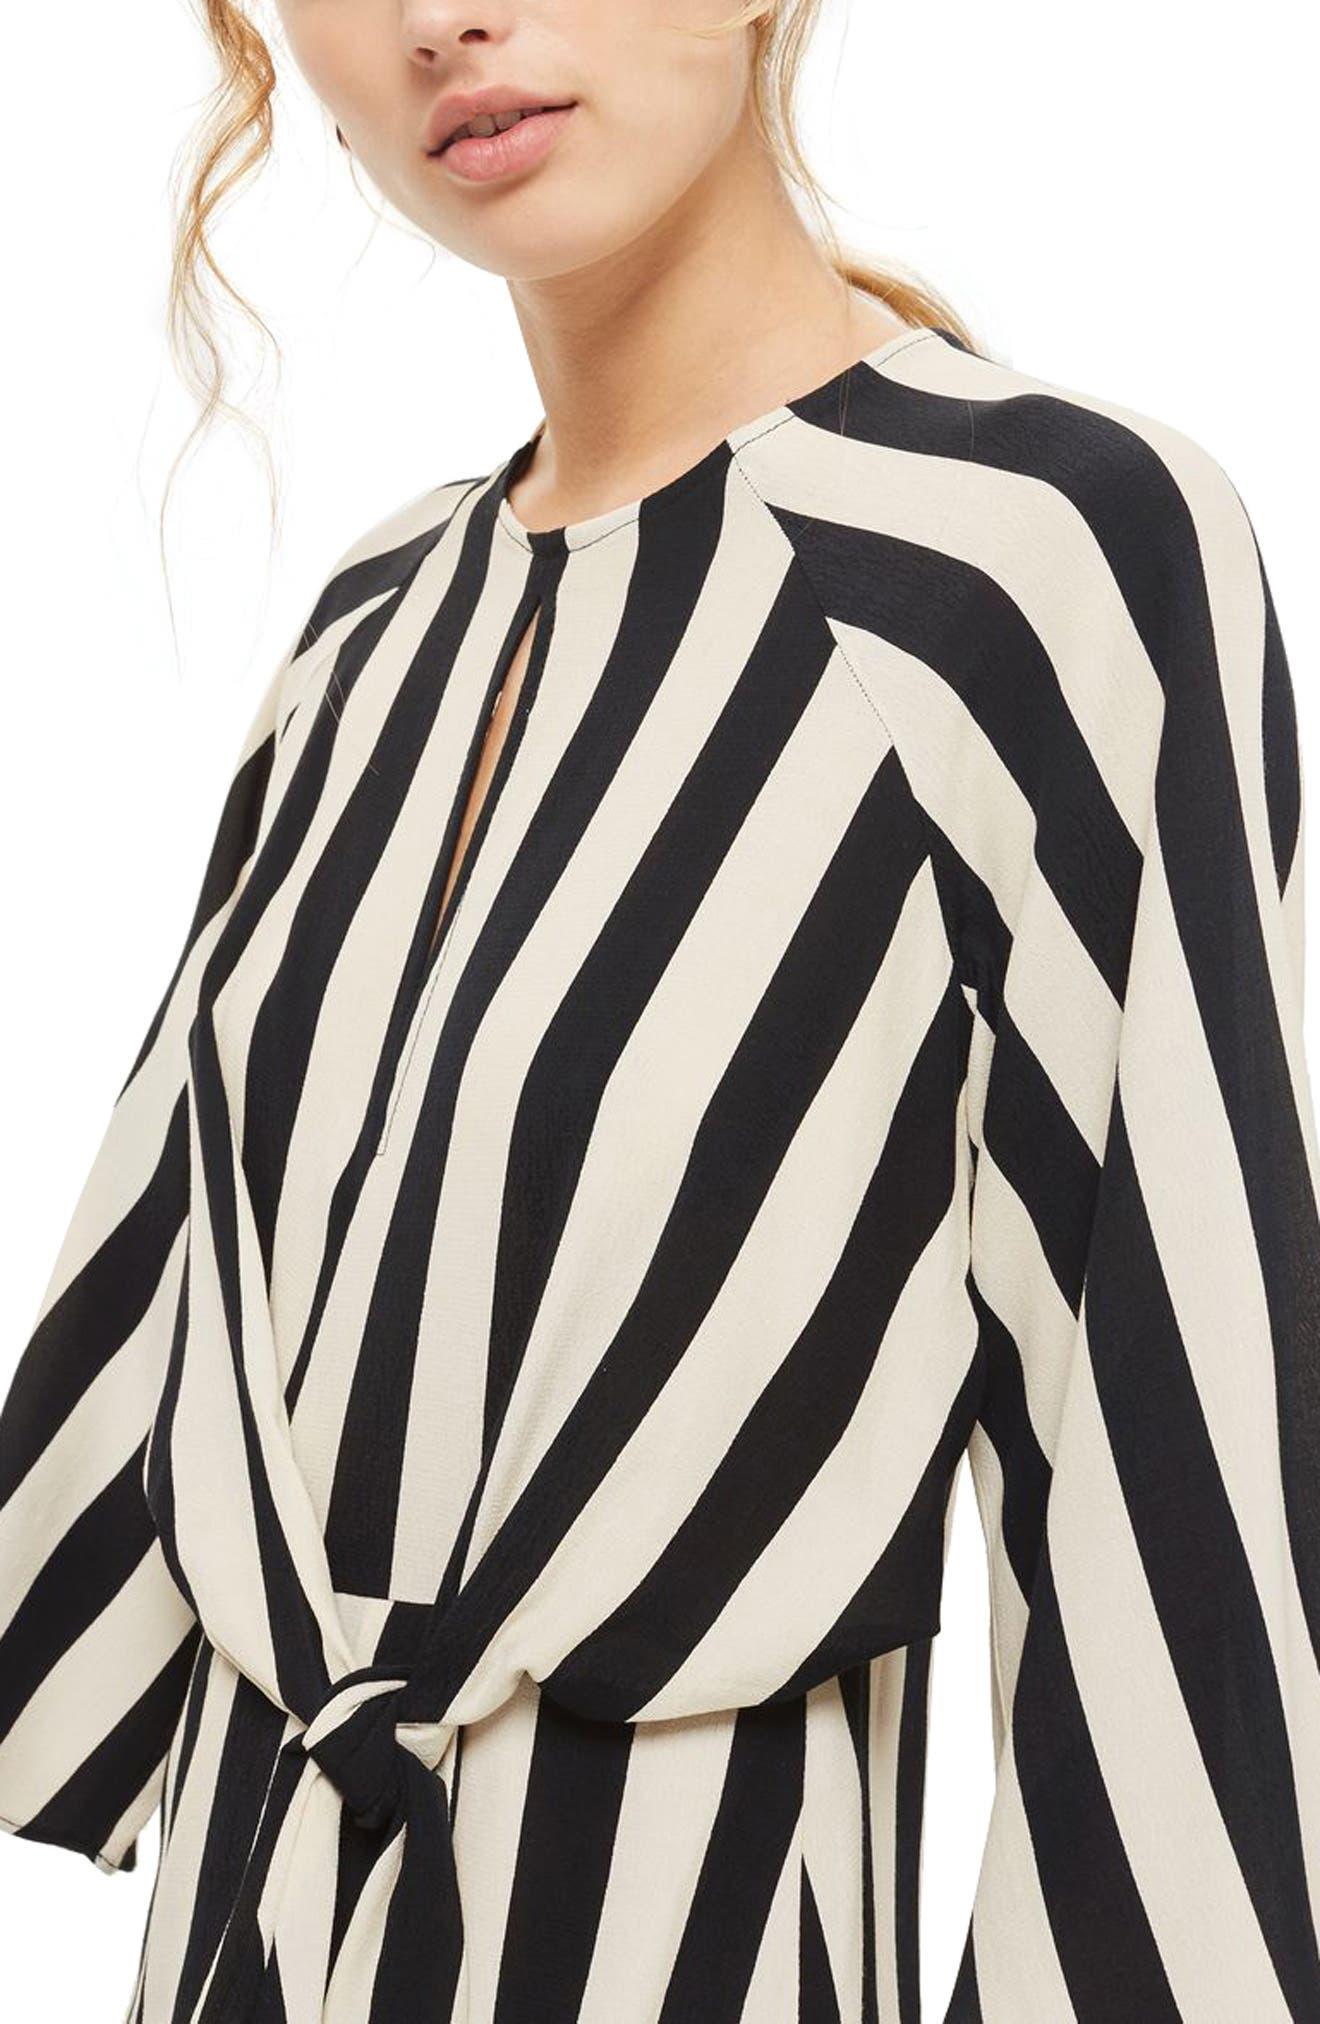 Humbug Stripe Knot Dress,                             Alternate thumbnail 2, color,                             001